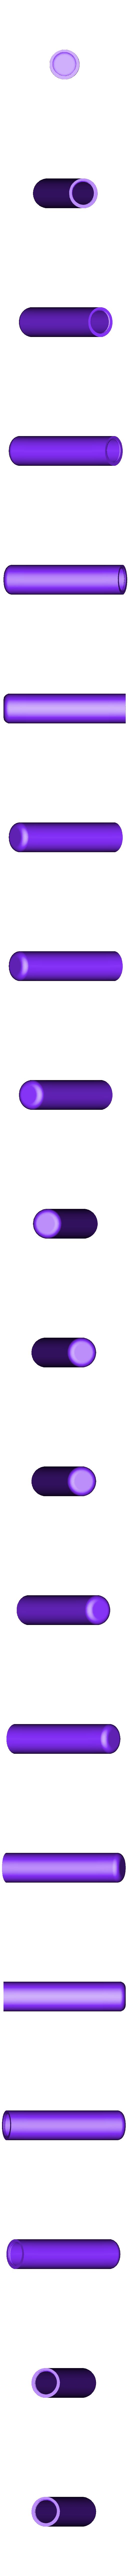 PESO.stl Télécharger fichier STL Y PORTE-VÊTEMENTS • Modèle à imprimer en 3D, marinove